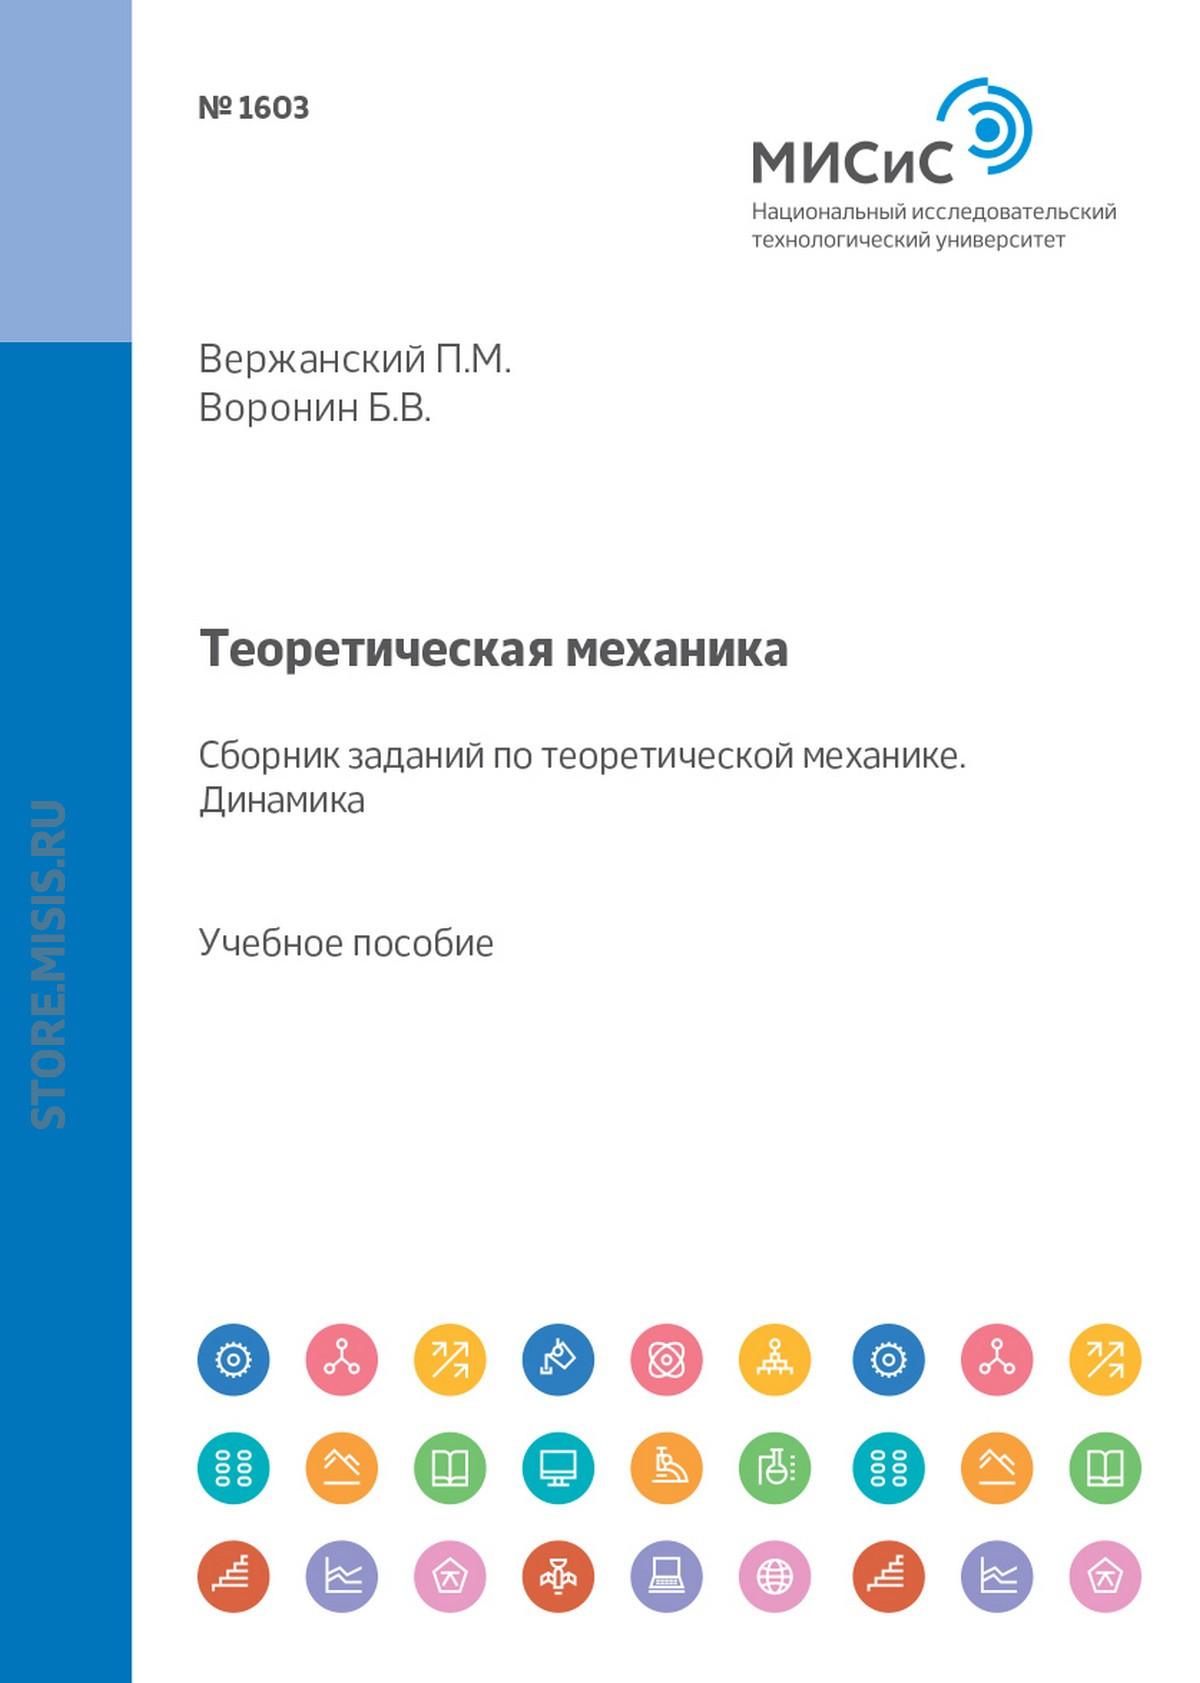 Б. В. Воронин Теоретическая механика. Сборник заданий по теоретической механике. Динамика